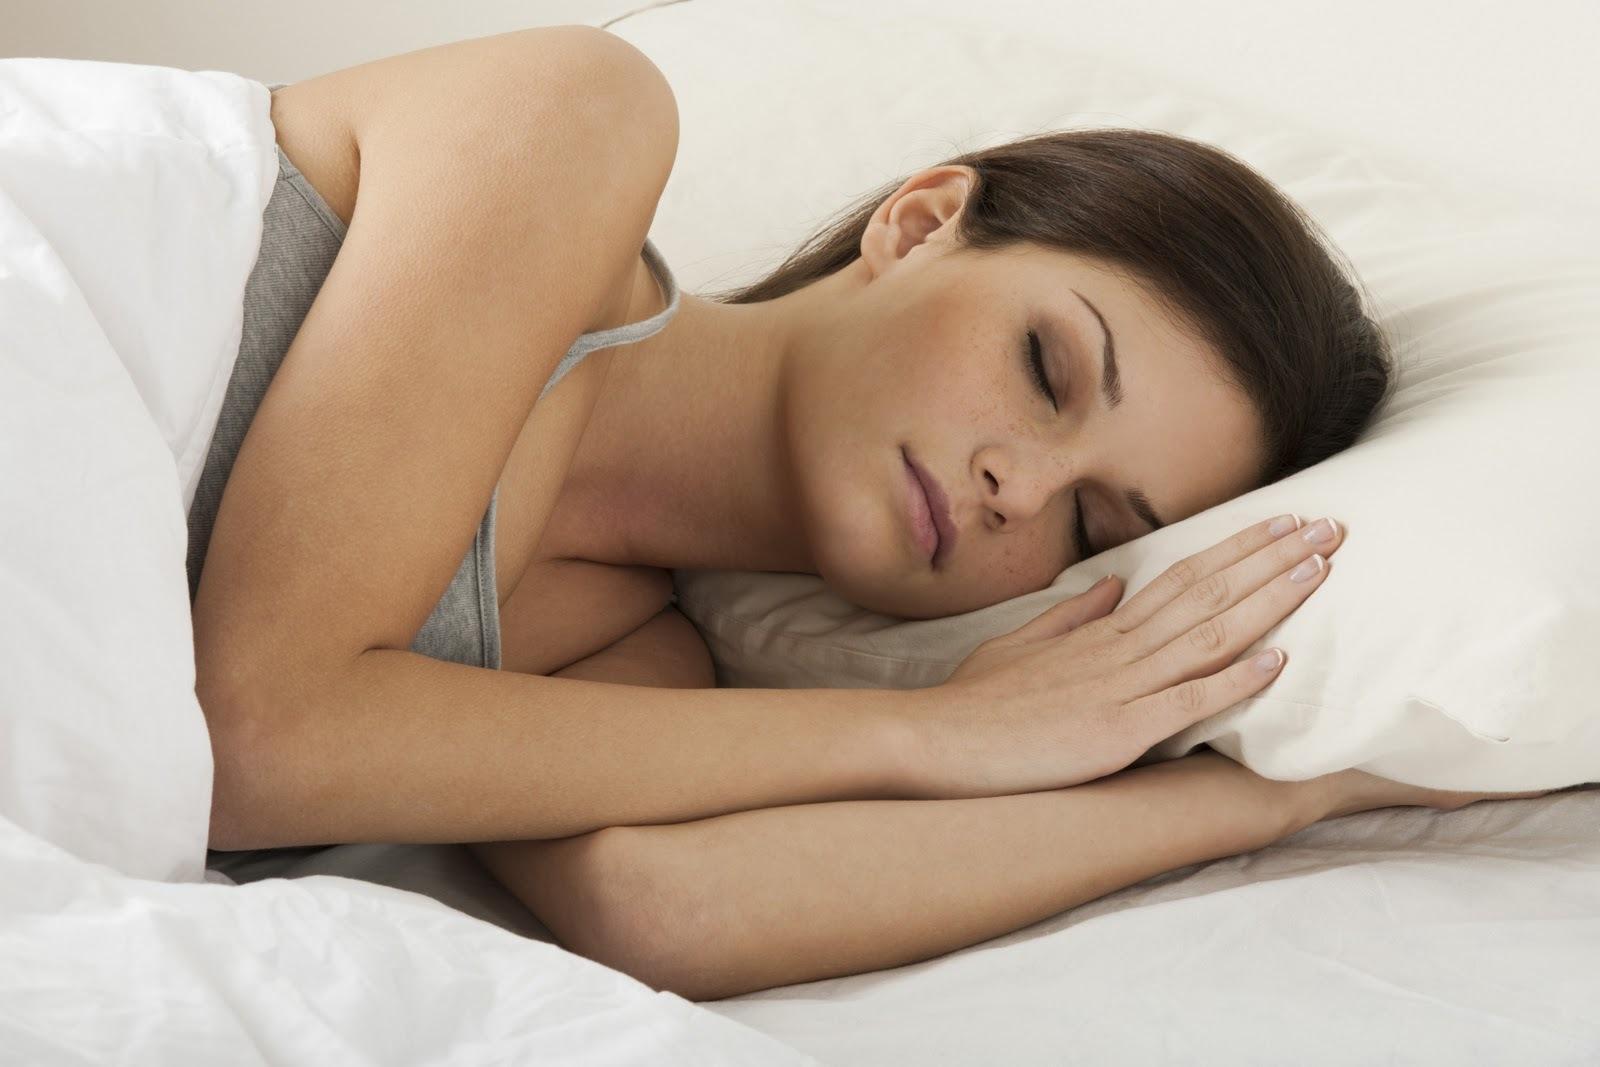 Dormir Com Sutiã, Causa Câncer de Mama ou Não?